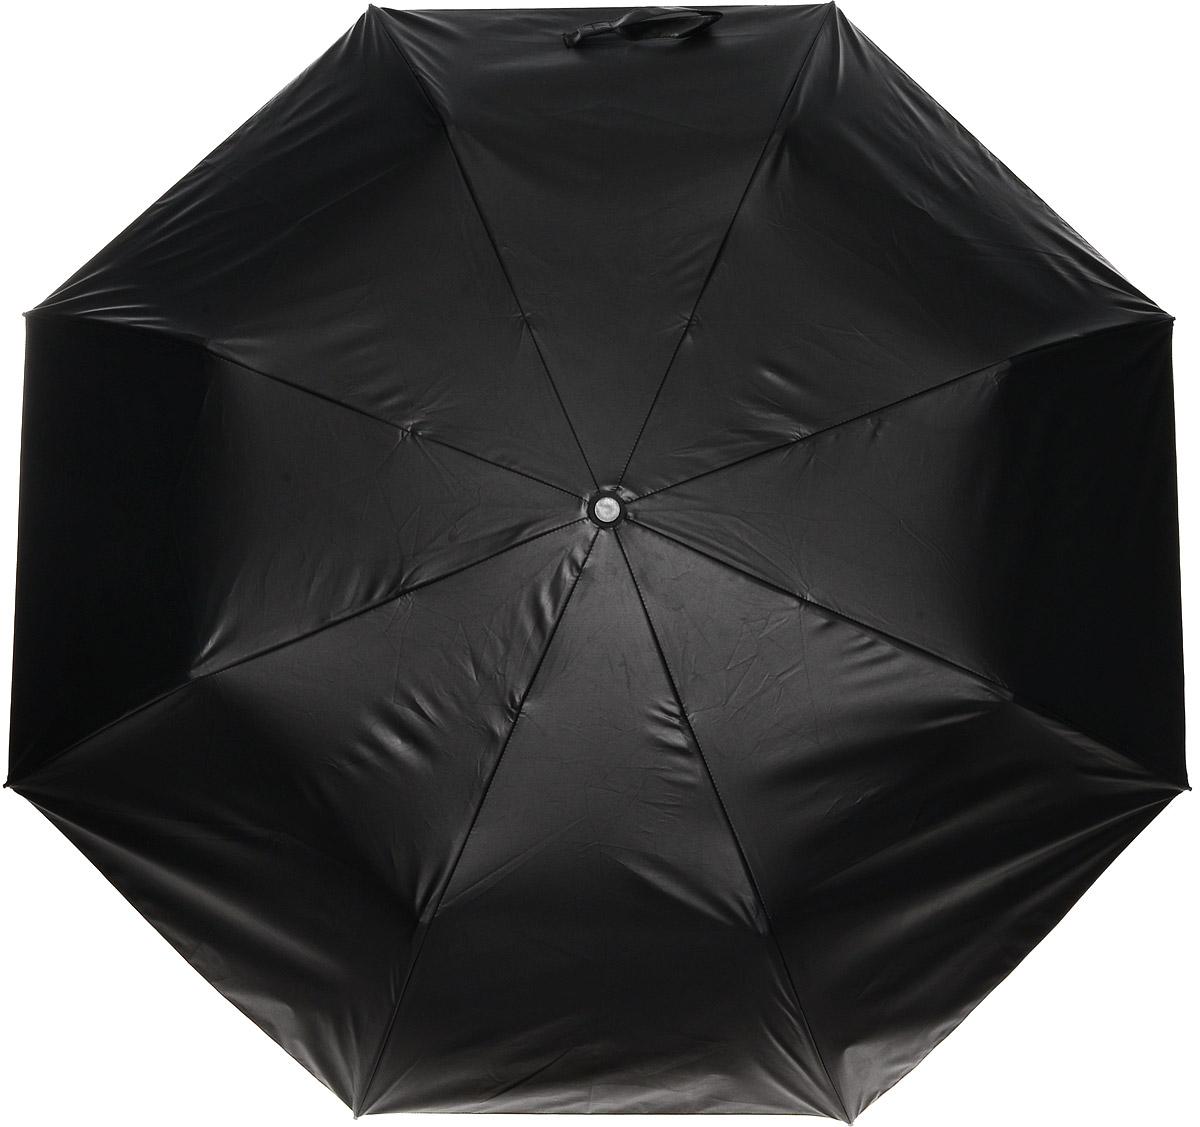 Зонт женский Vera Victoria Vito, механика, 3 сложения, цвет: черный, розовый. 20-700-920-700-9Зонт Vera Victoria Vito надежно защитит вас от дождя. Купол выполнен из высококачественного нейлона, который не пропускает воду. Внутренняя сторона купола оформлена оригинальным принтом. Каркас зонта и спицы выполнены из высококачественного металла. Удобная ручка выполнена из пластика и дополнена эластичной резинкой. Зонт имеет автоматический тип сложения: открывается и закрывается при нажатии на кнопку. В комплект входит чехол.